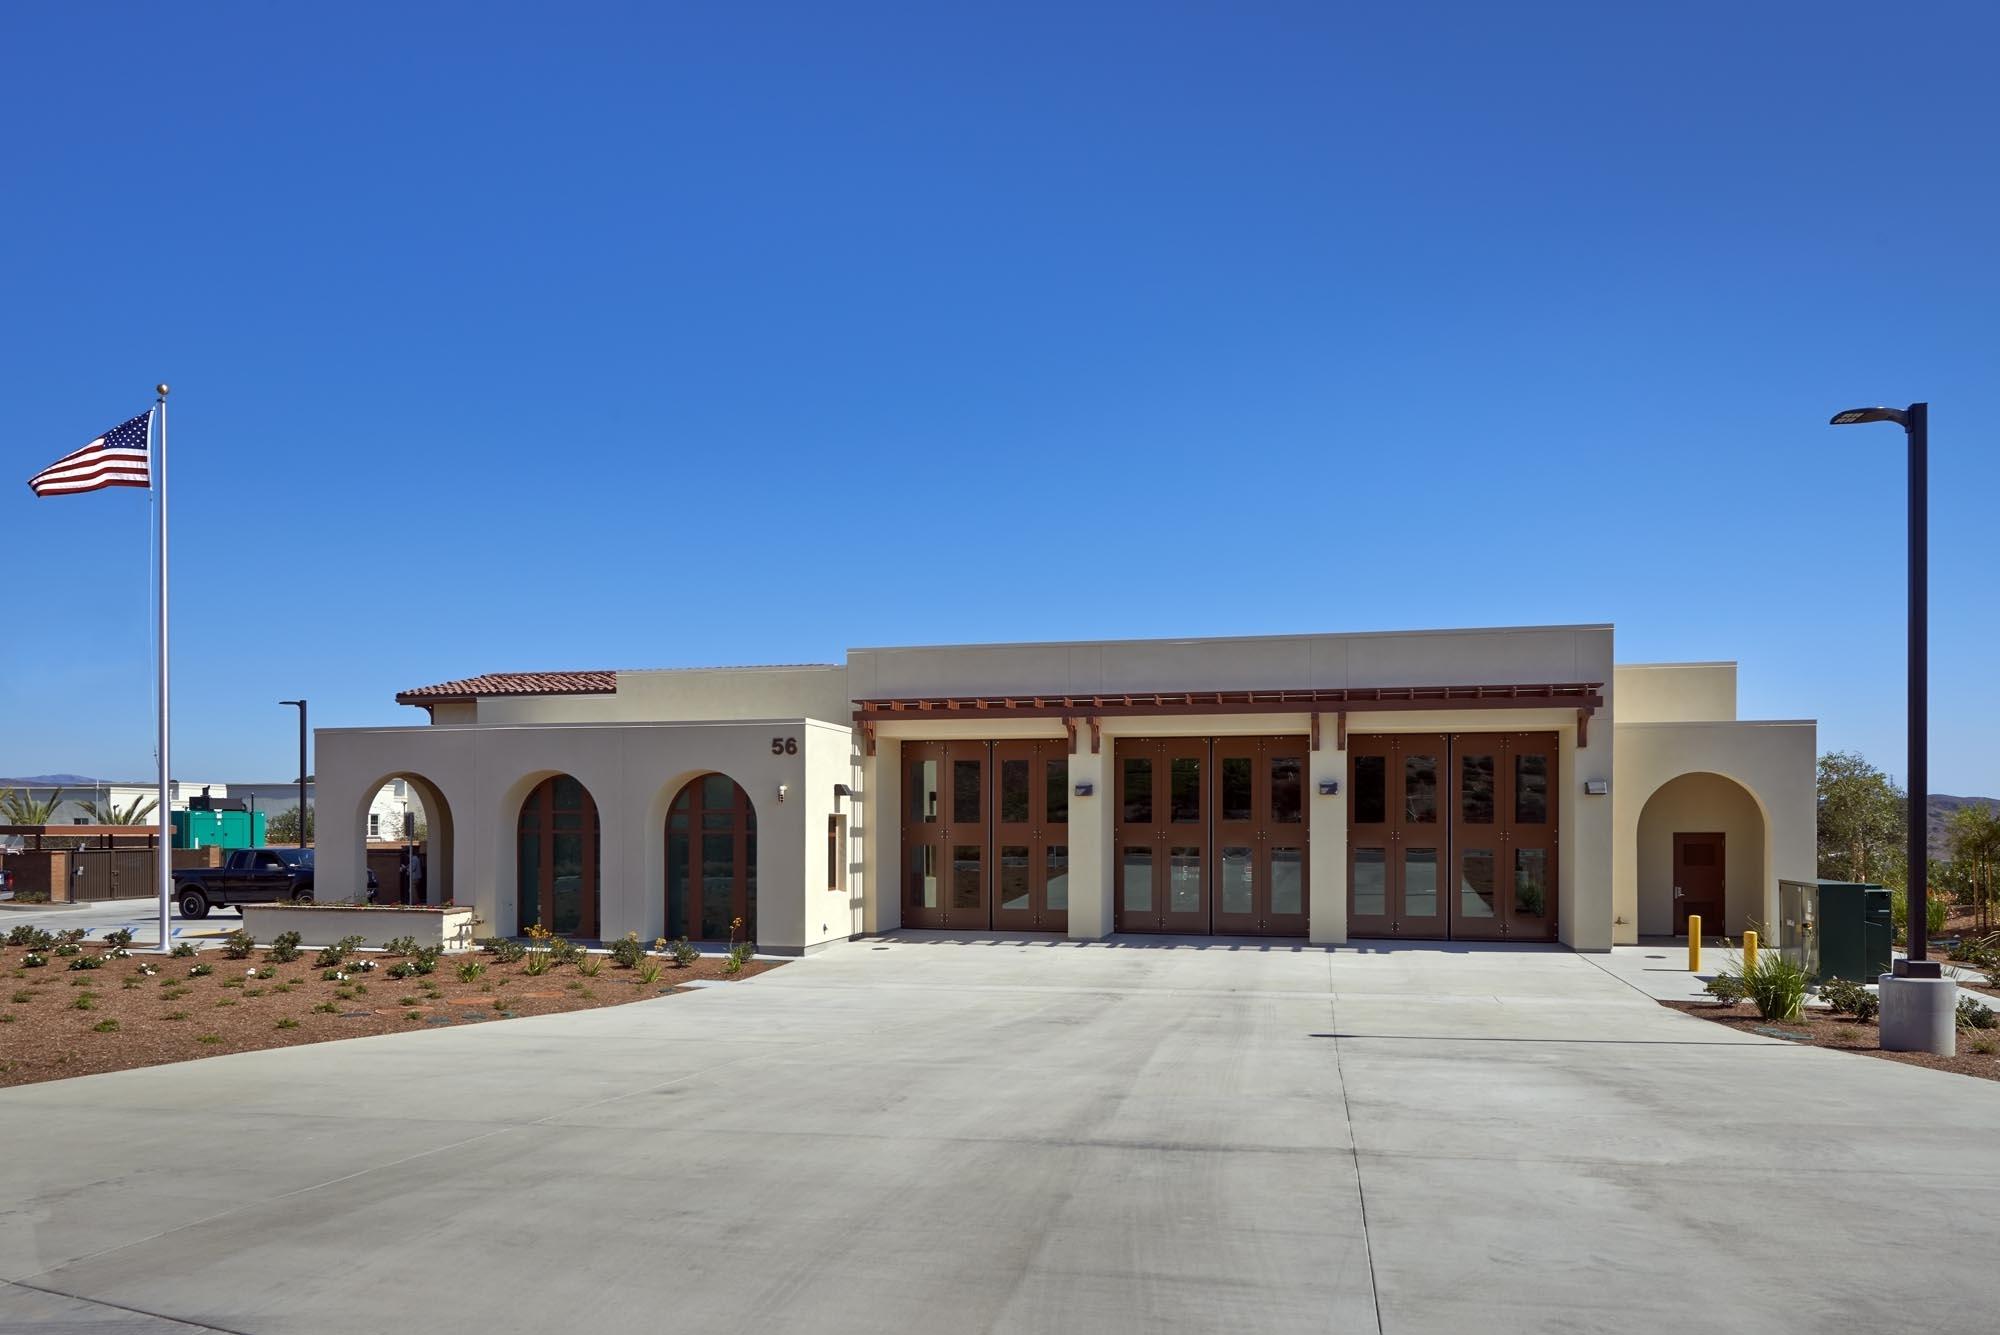 Sendero-Ranch-Firestation-56-08.jpg